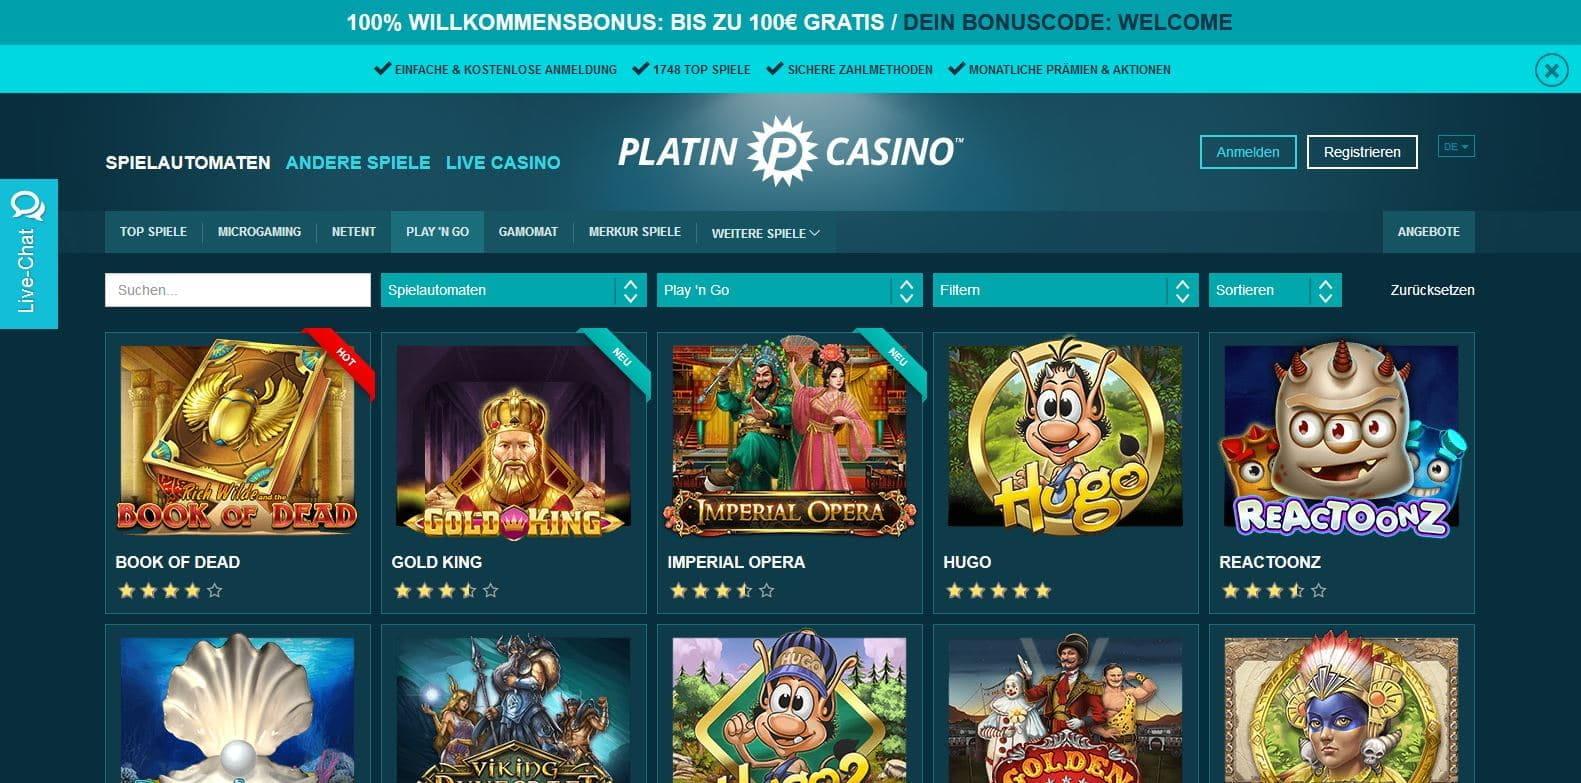 Zuverlässiges Casino Spielautomaten 378540